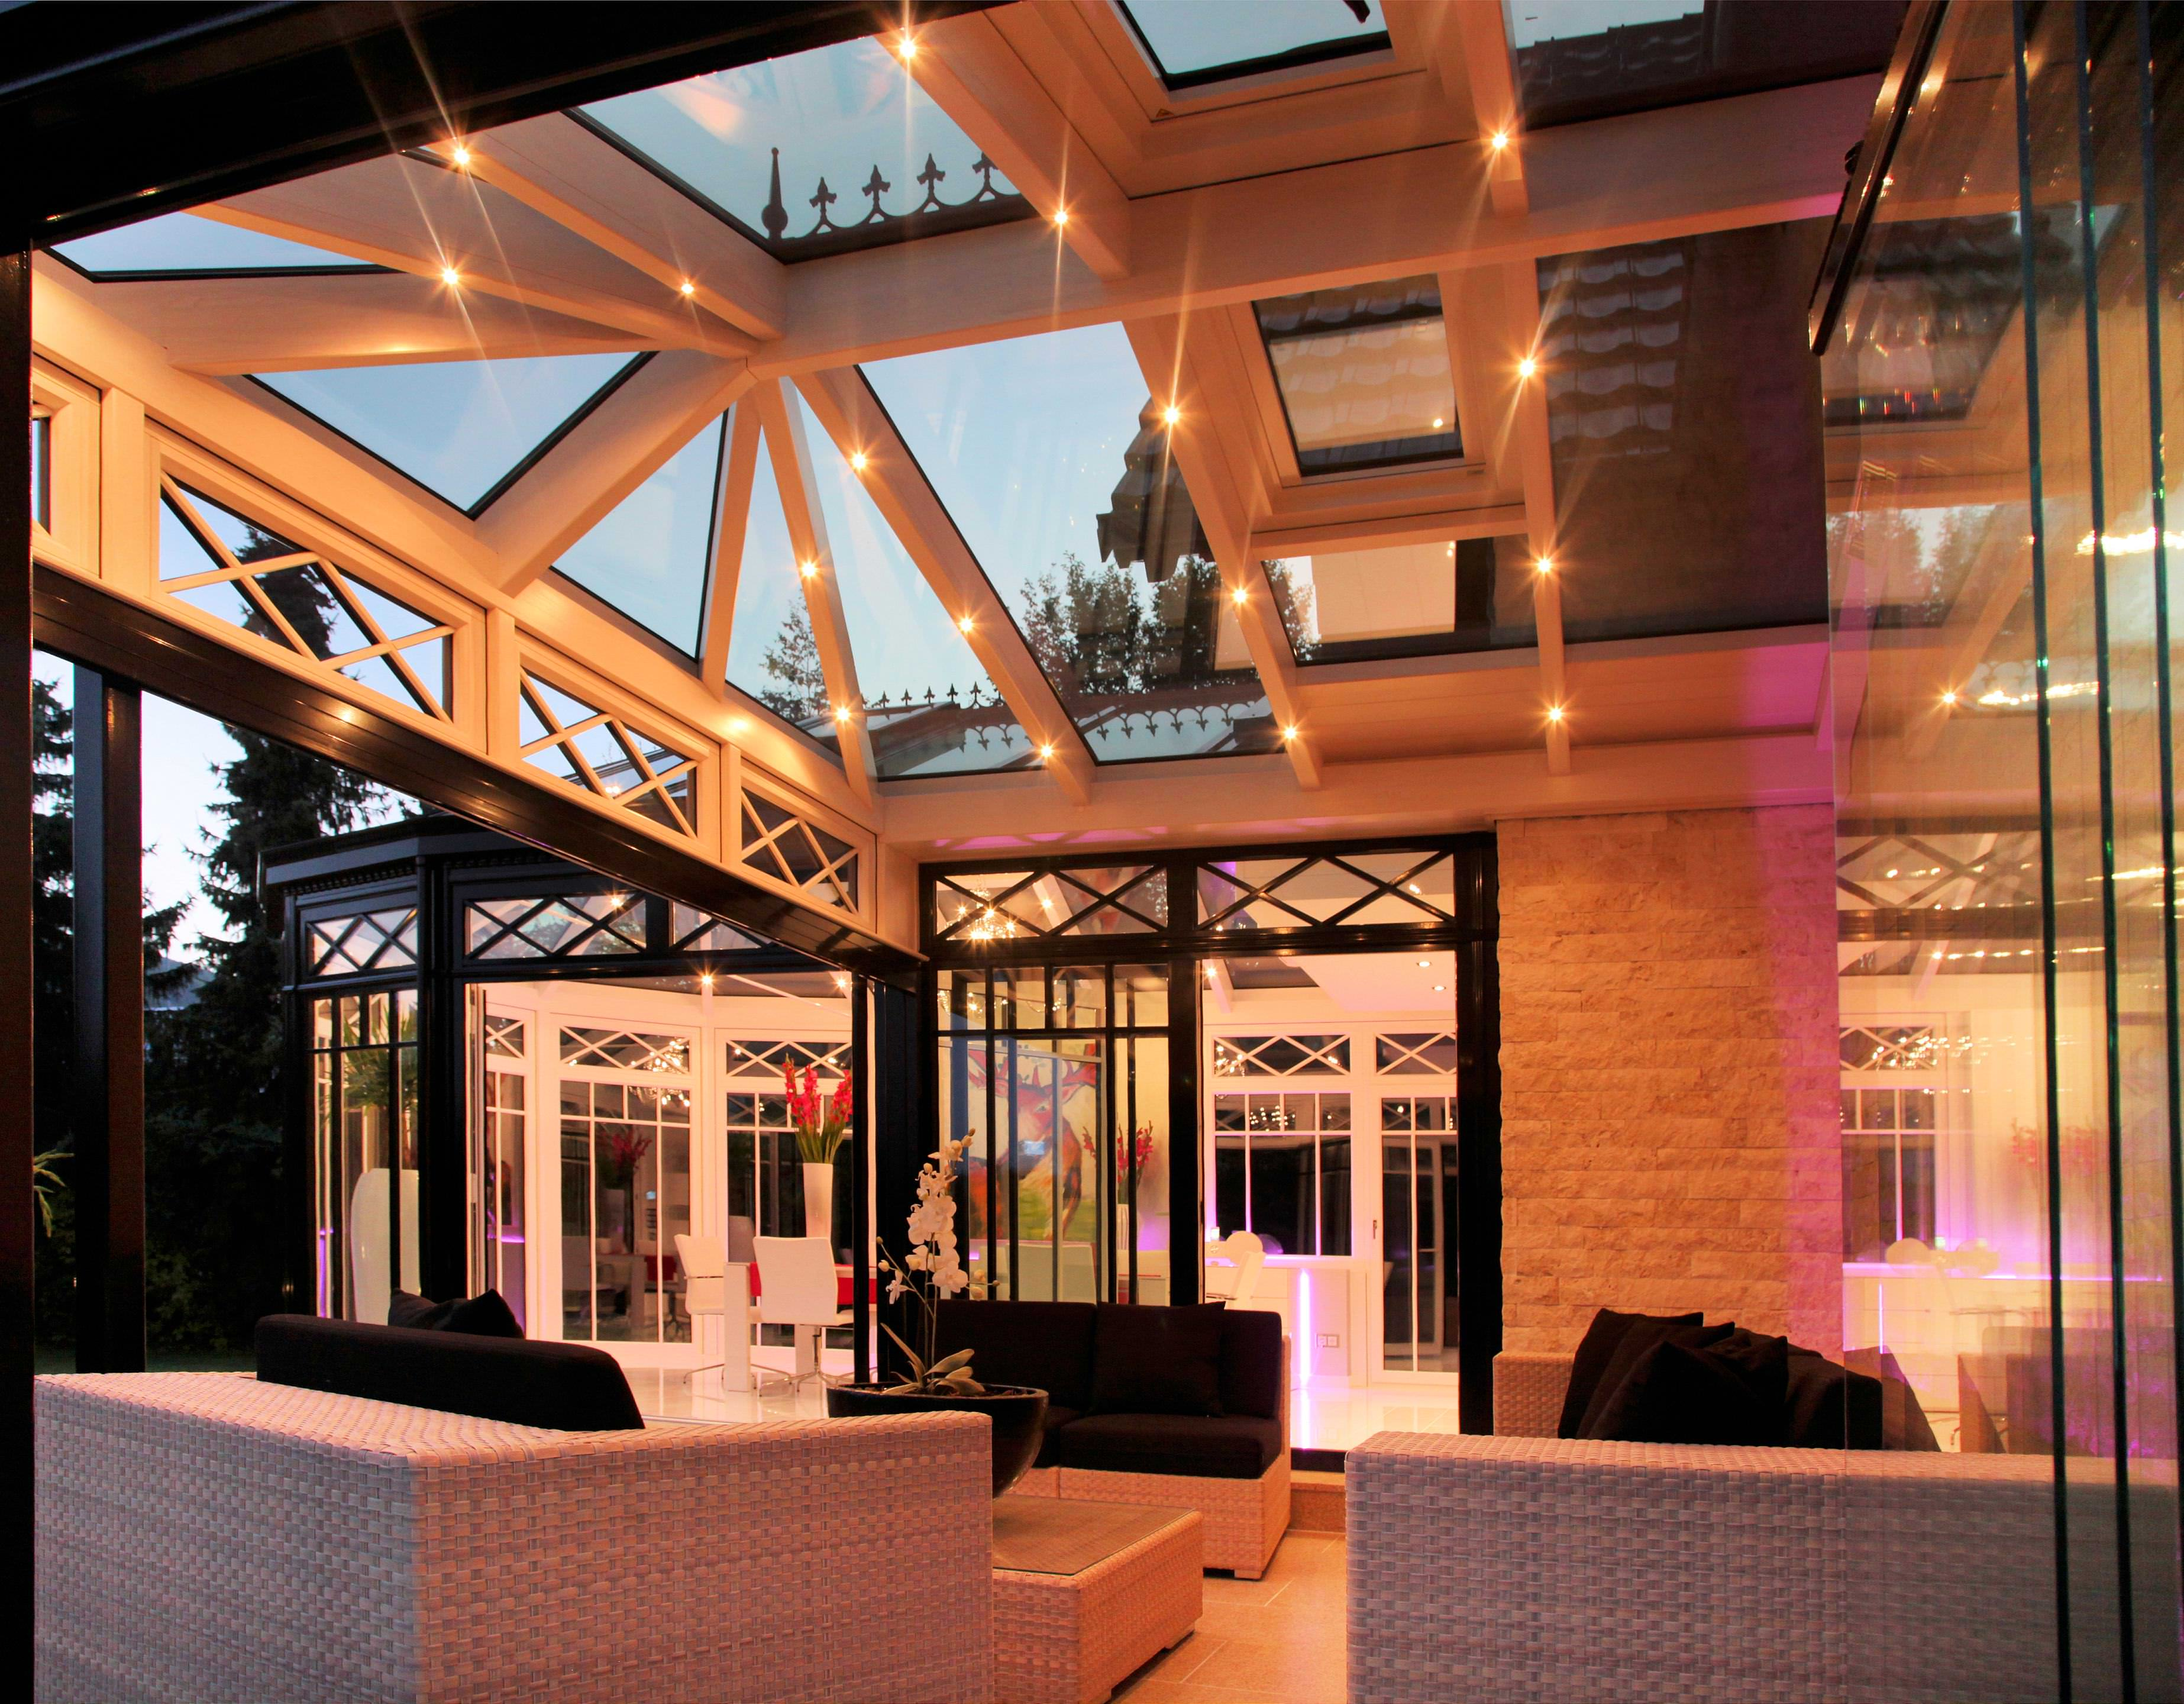 wintergarten viktorianischer stil wintergarten. Black Bedroom Furniture Sets. Home Design Ideas